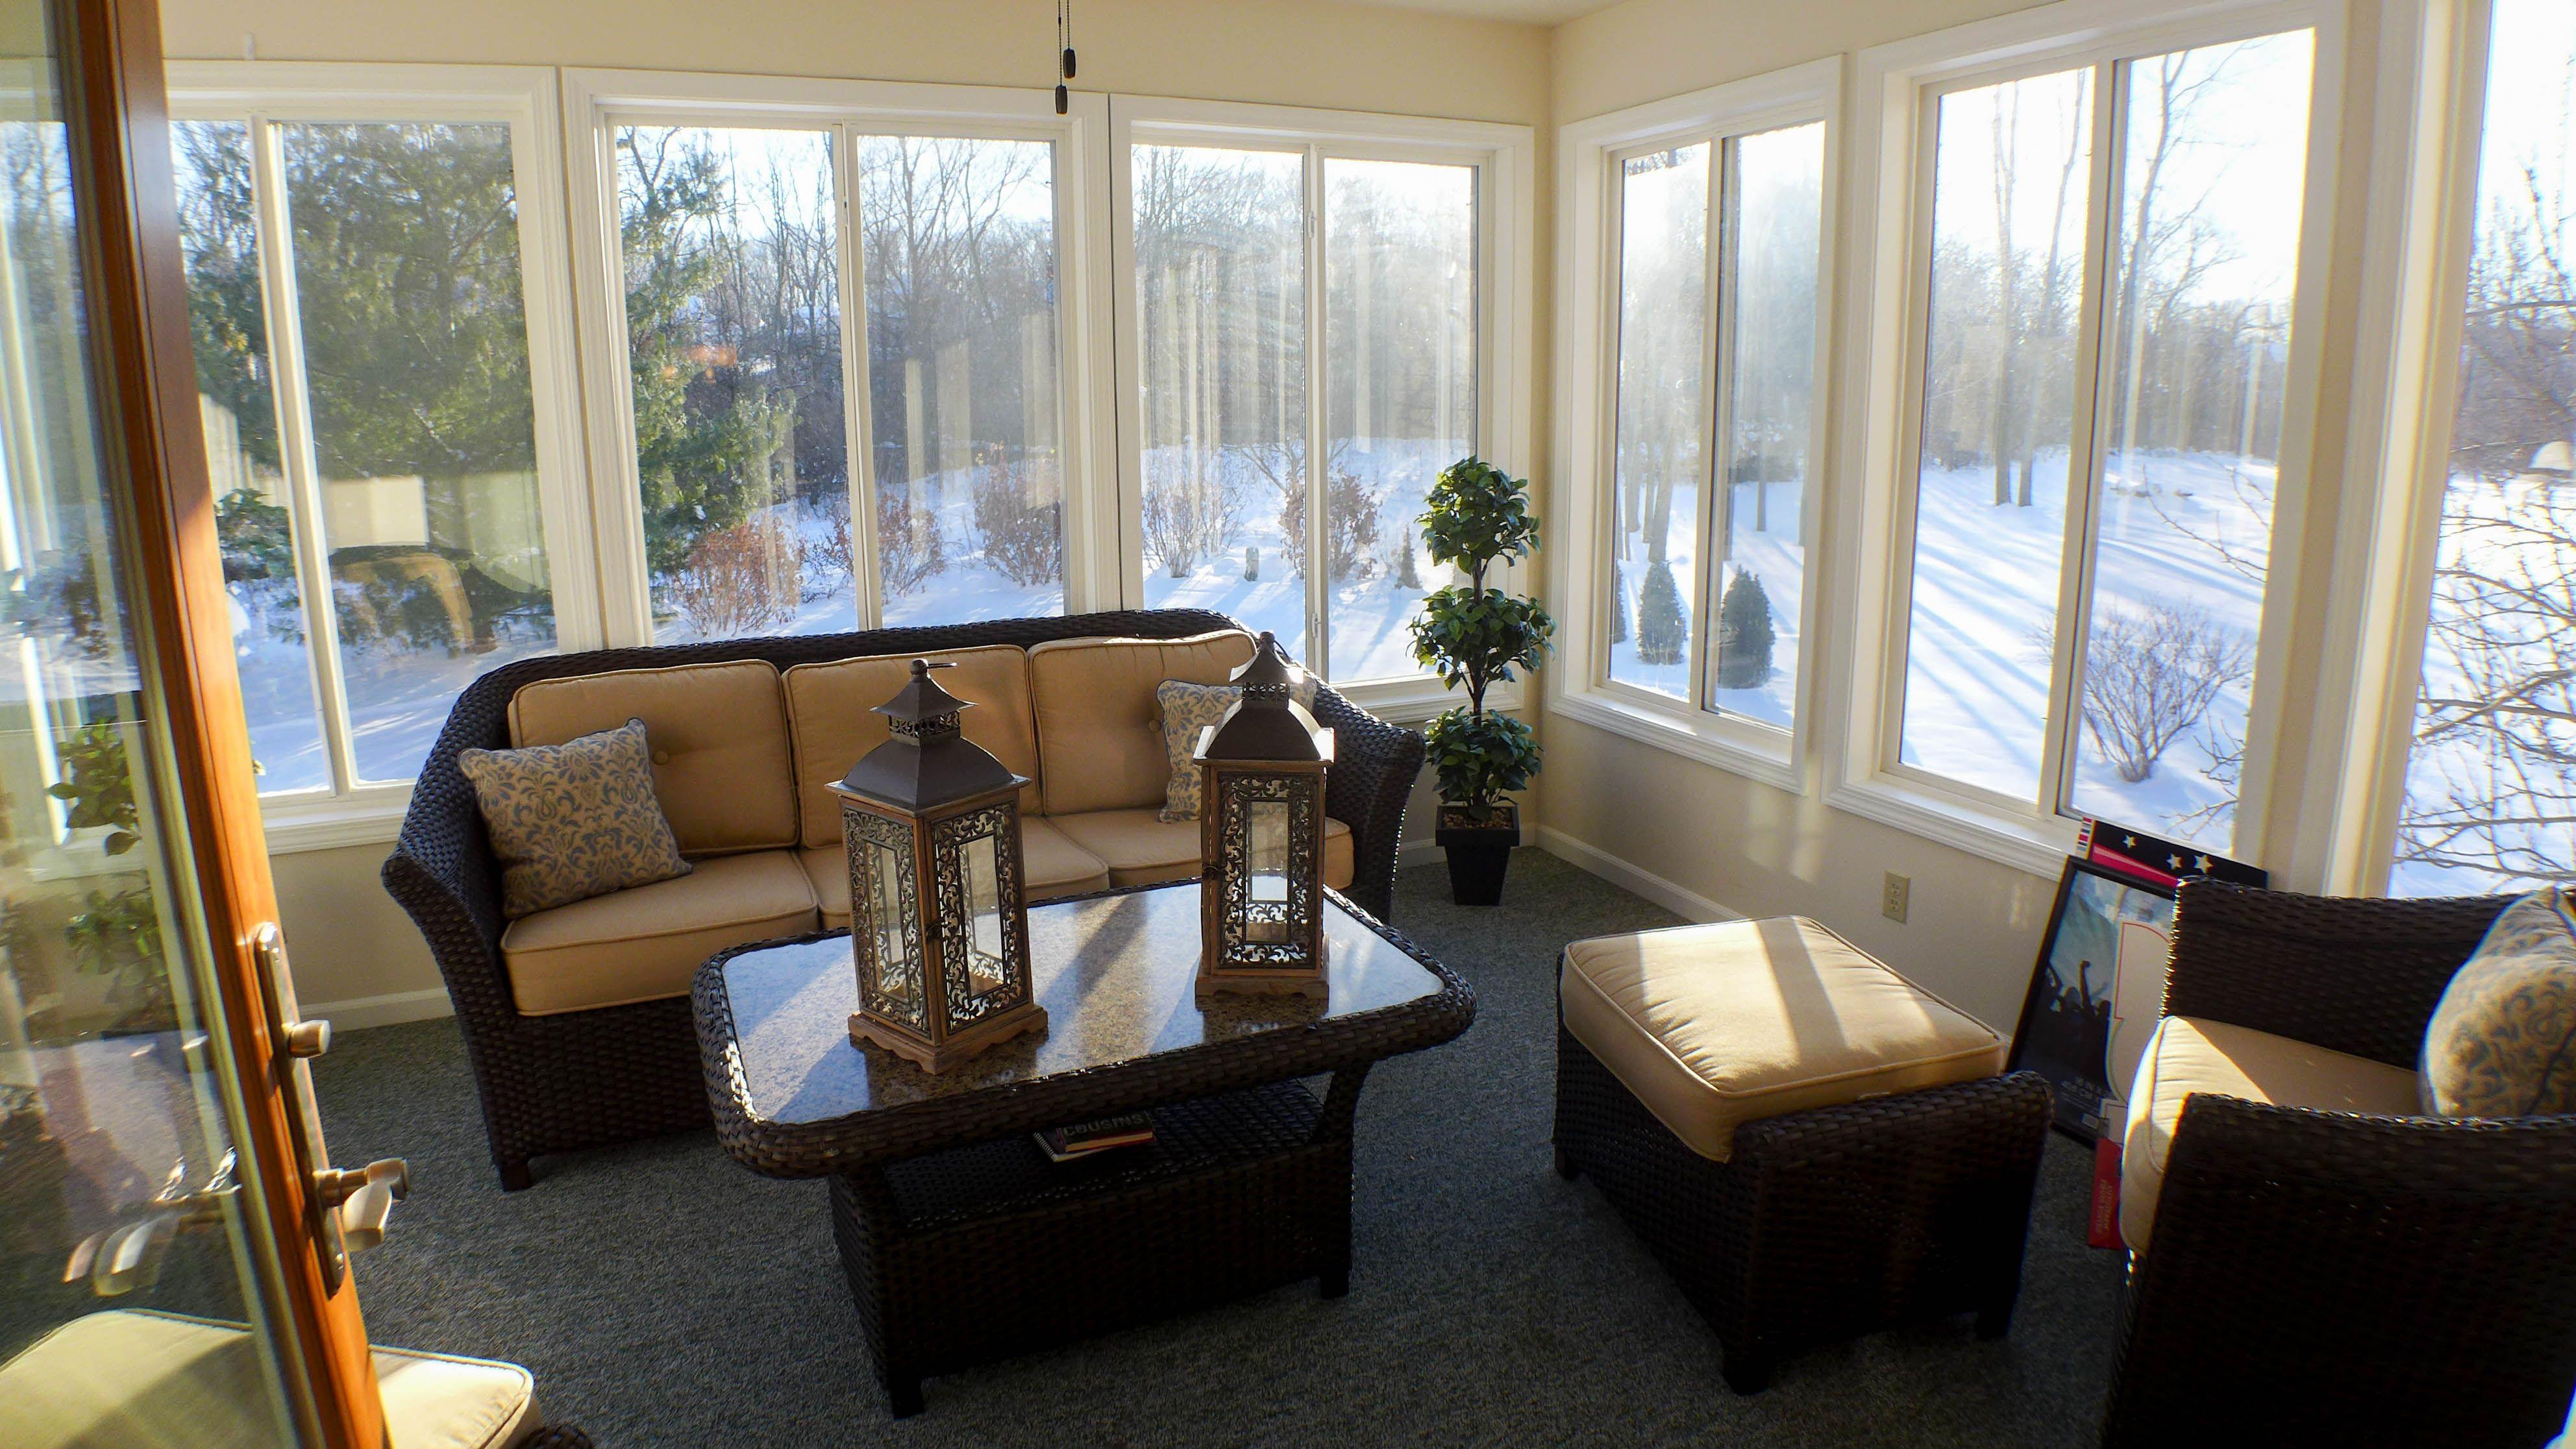 Sunroom Idea For Bi Level Or Split Level House Home Remodeling Home Decor House Design